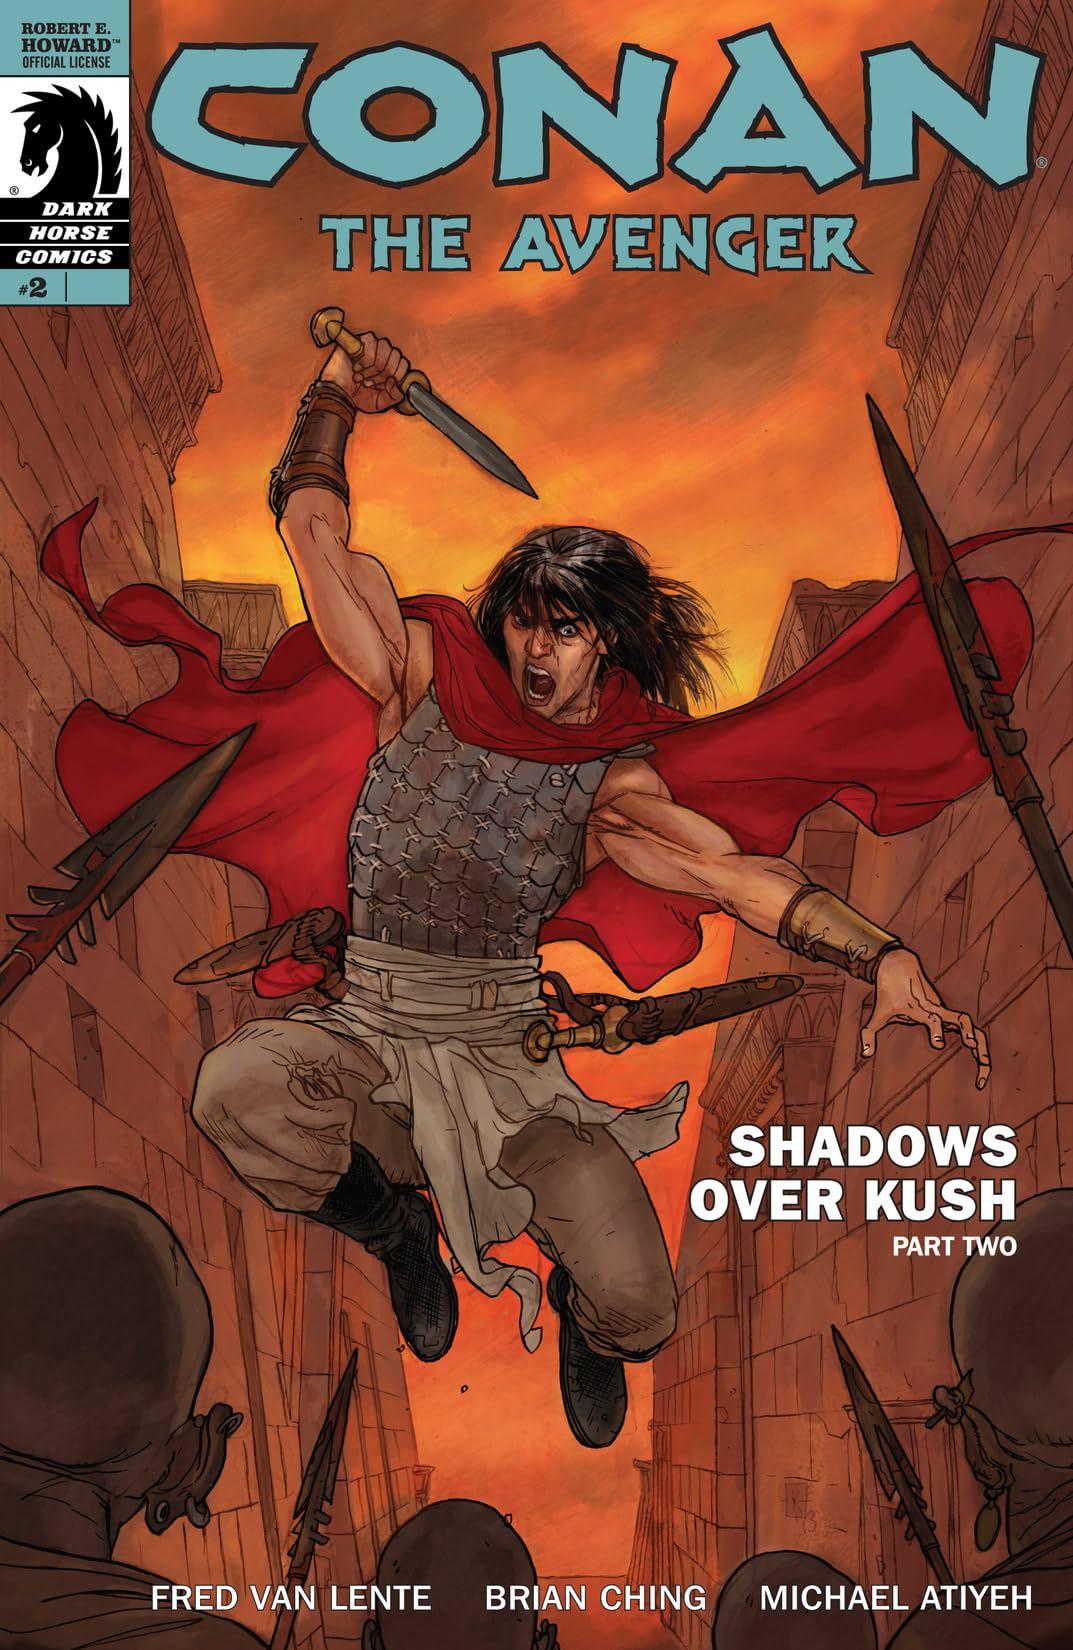 Conan the Avenger #2